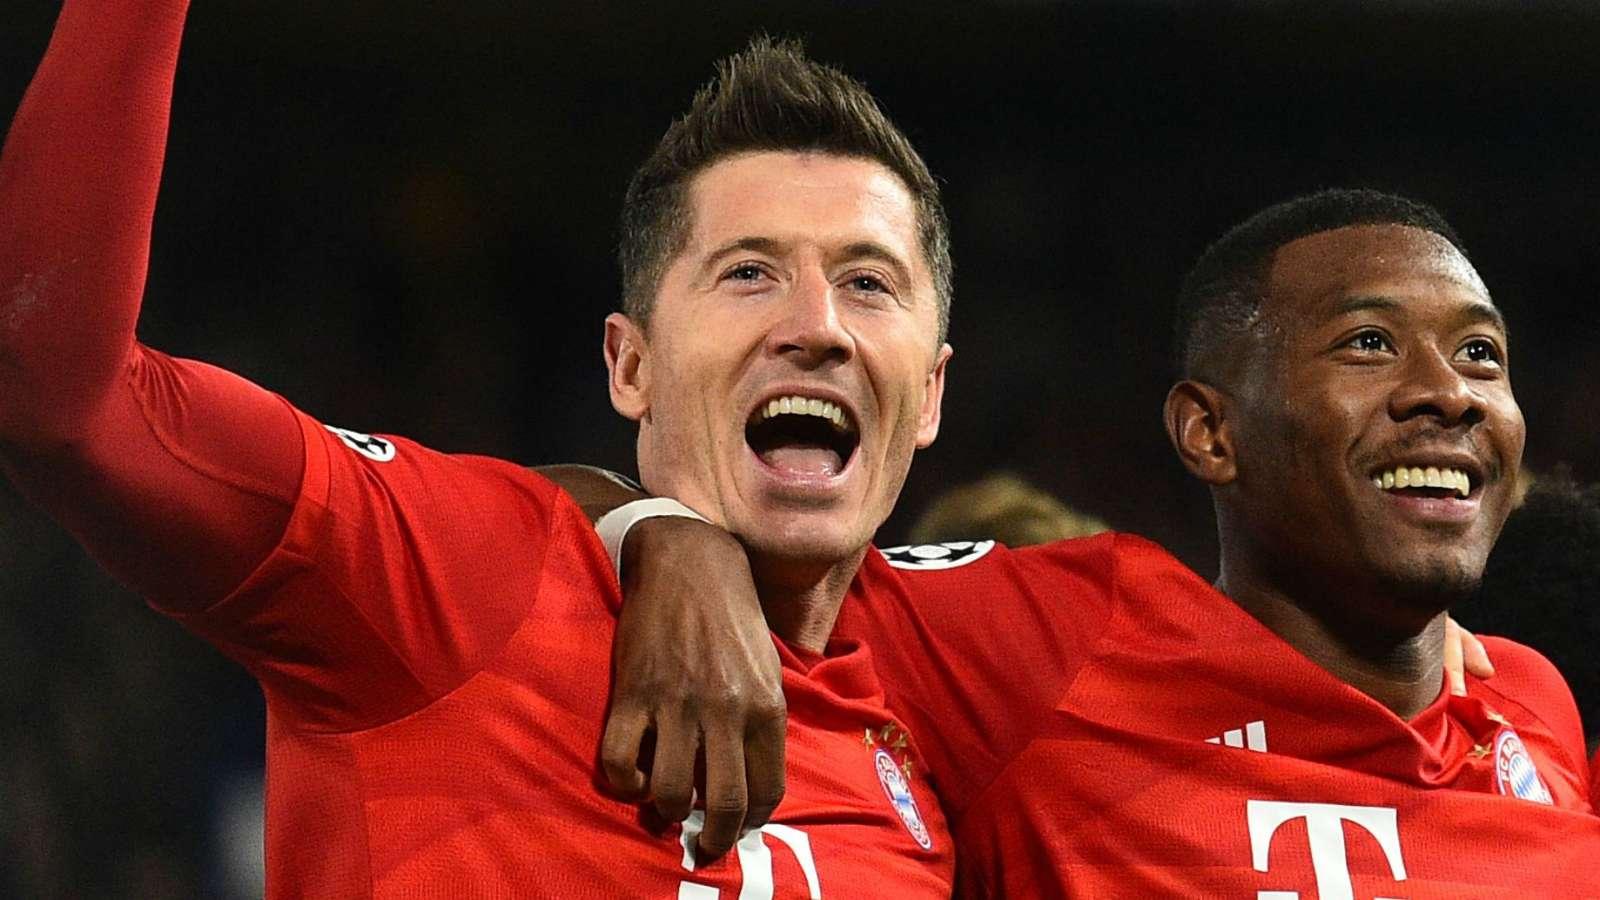 Robert Lewandowski xuất sắc giành danh hiệu vua phá lưới và vô địch cúp C1 châu Âu